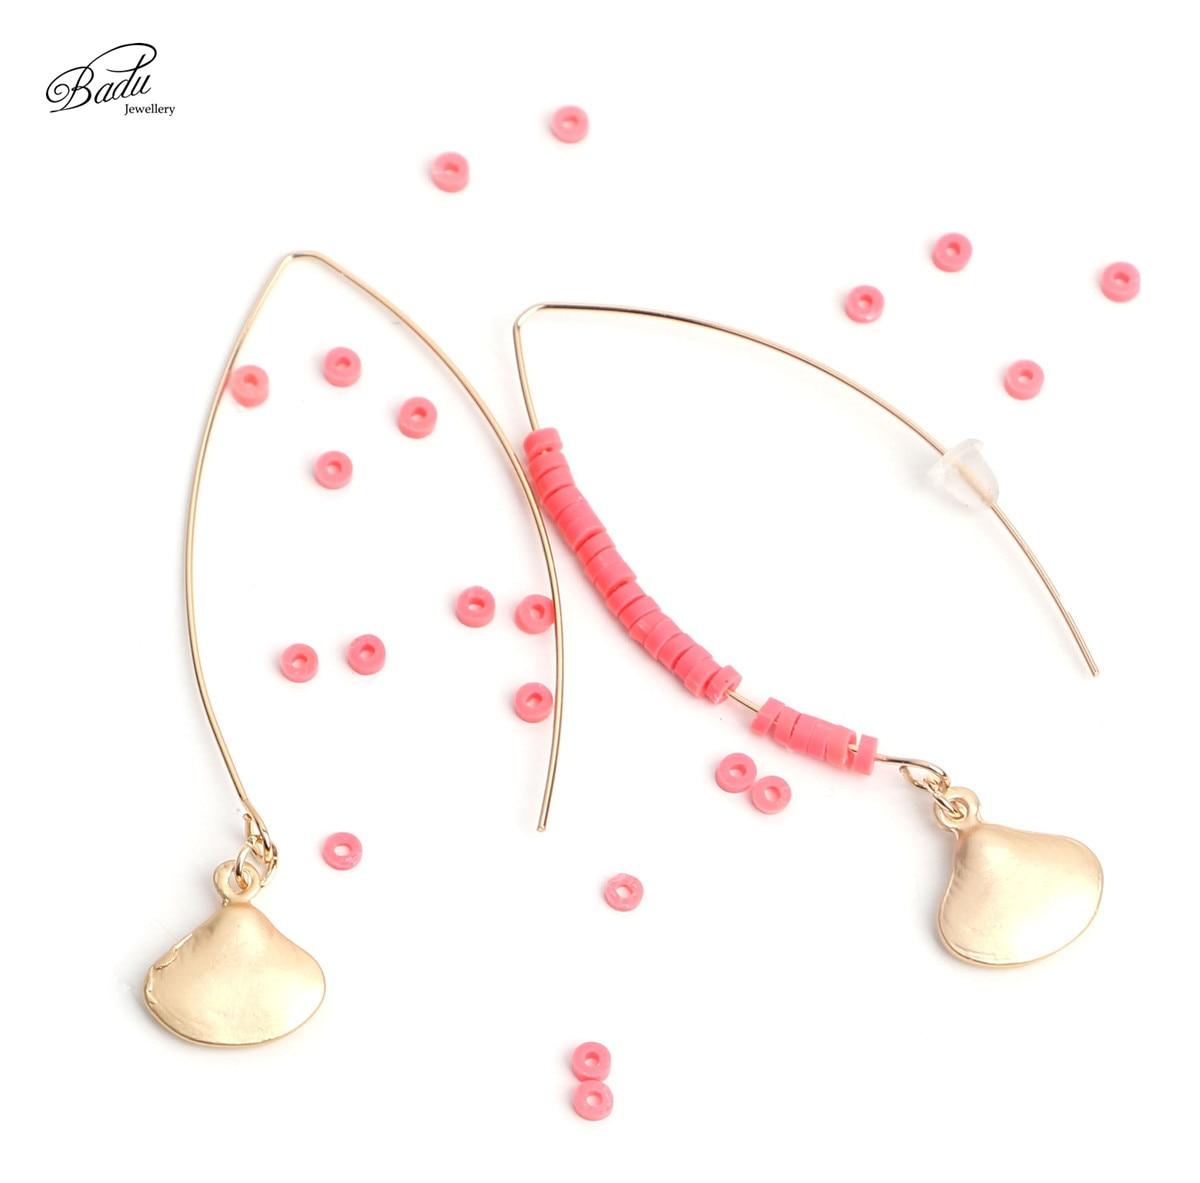 5b75fb58b79e Badu las mujeres pendientes de oro Vieira largo colgante de joyería de moda  rojo granos de arcilla vacaciones de verano pendientes elegantes para boda  en ...